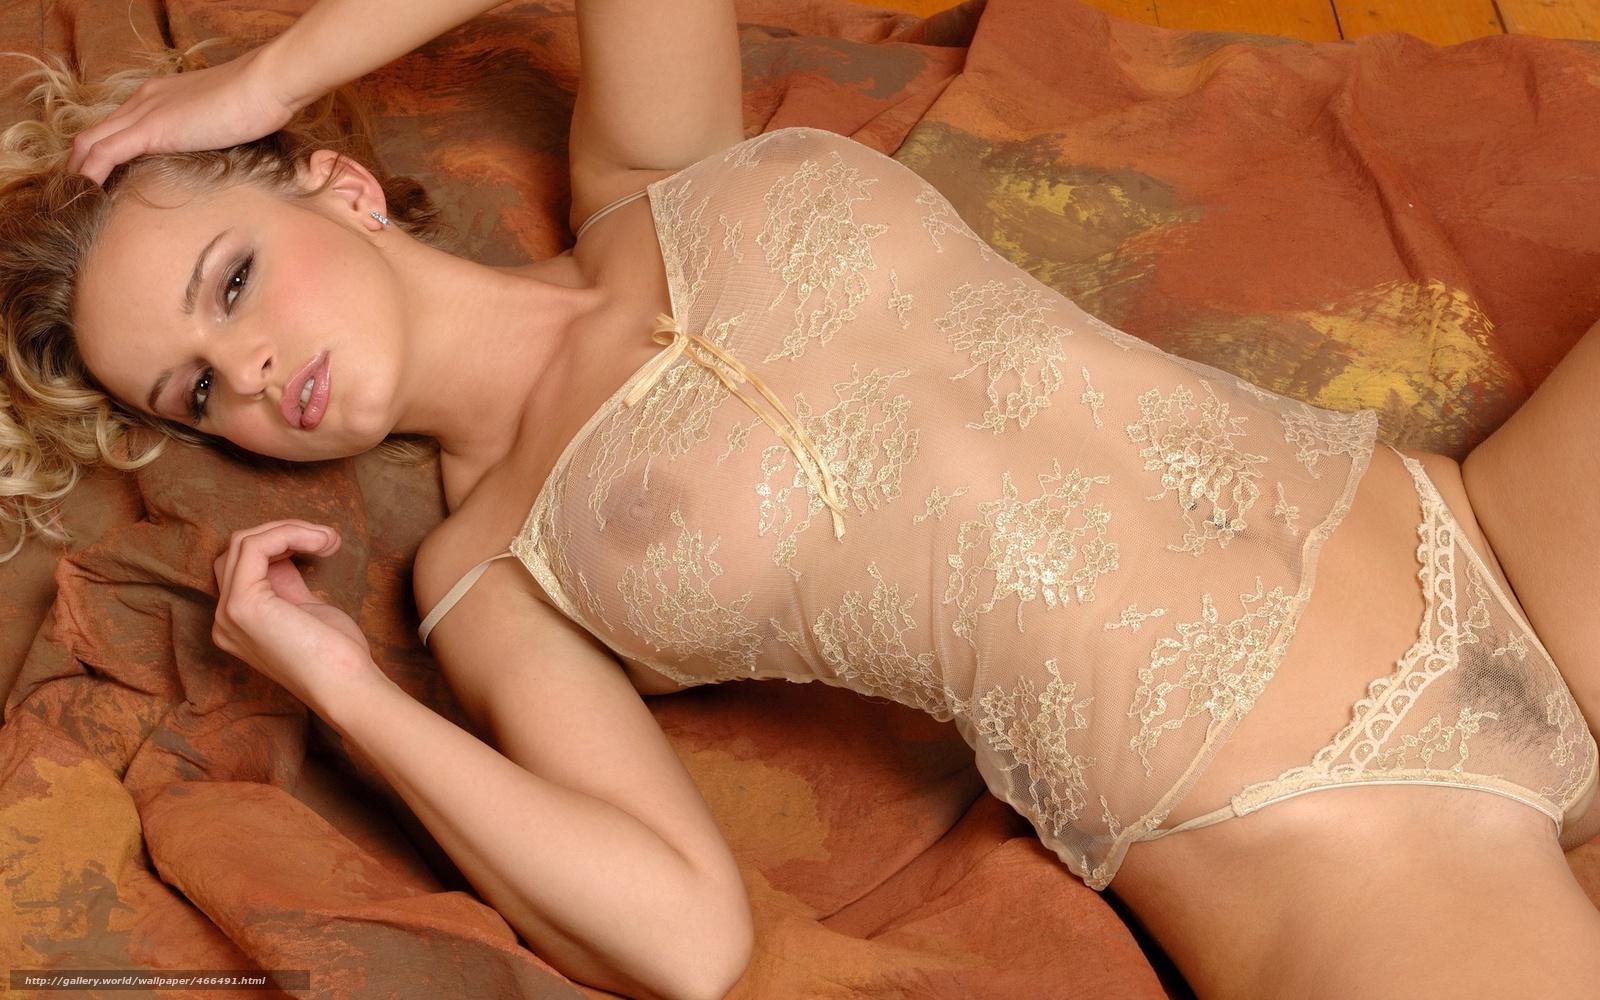 Эротика в прозрачном нижнем белье фото и картинки 19 фотография